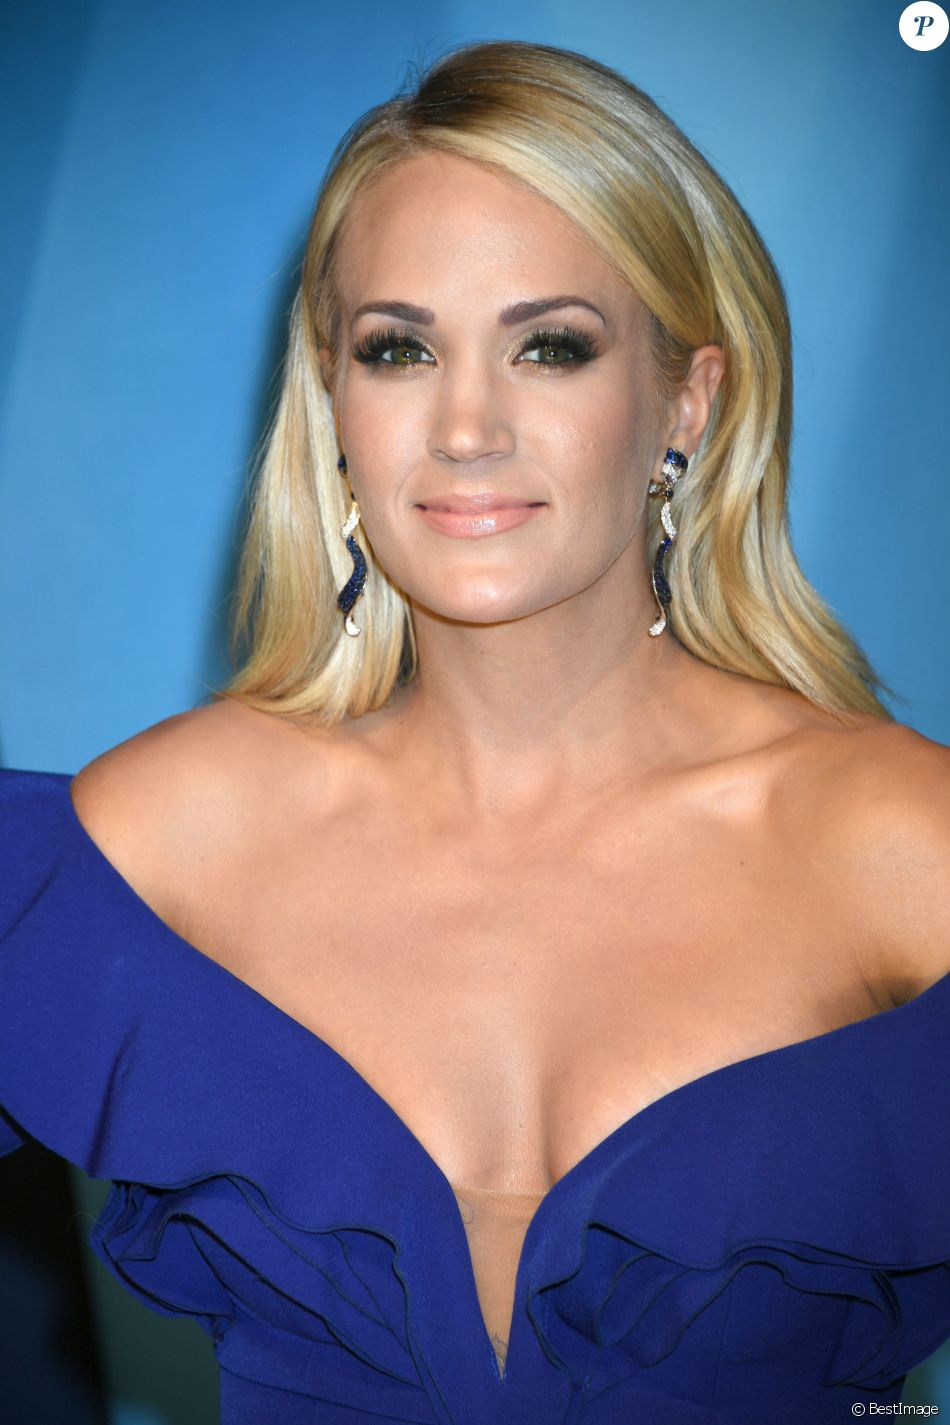 Carrie Underwood lors de la 51ème édition des Country Music Awards (CMA) au Music City Center à Nashville, le 8 novembre 2017.